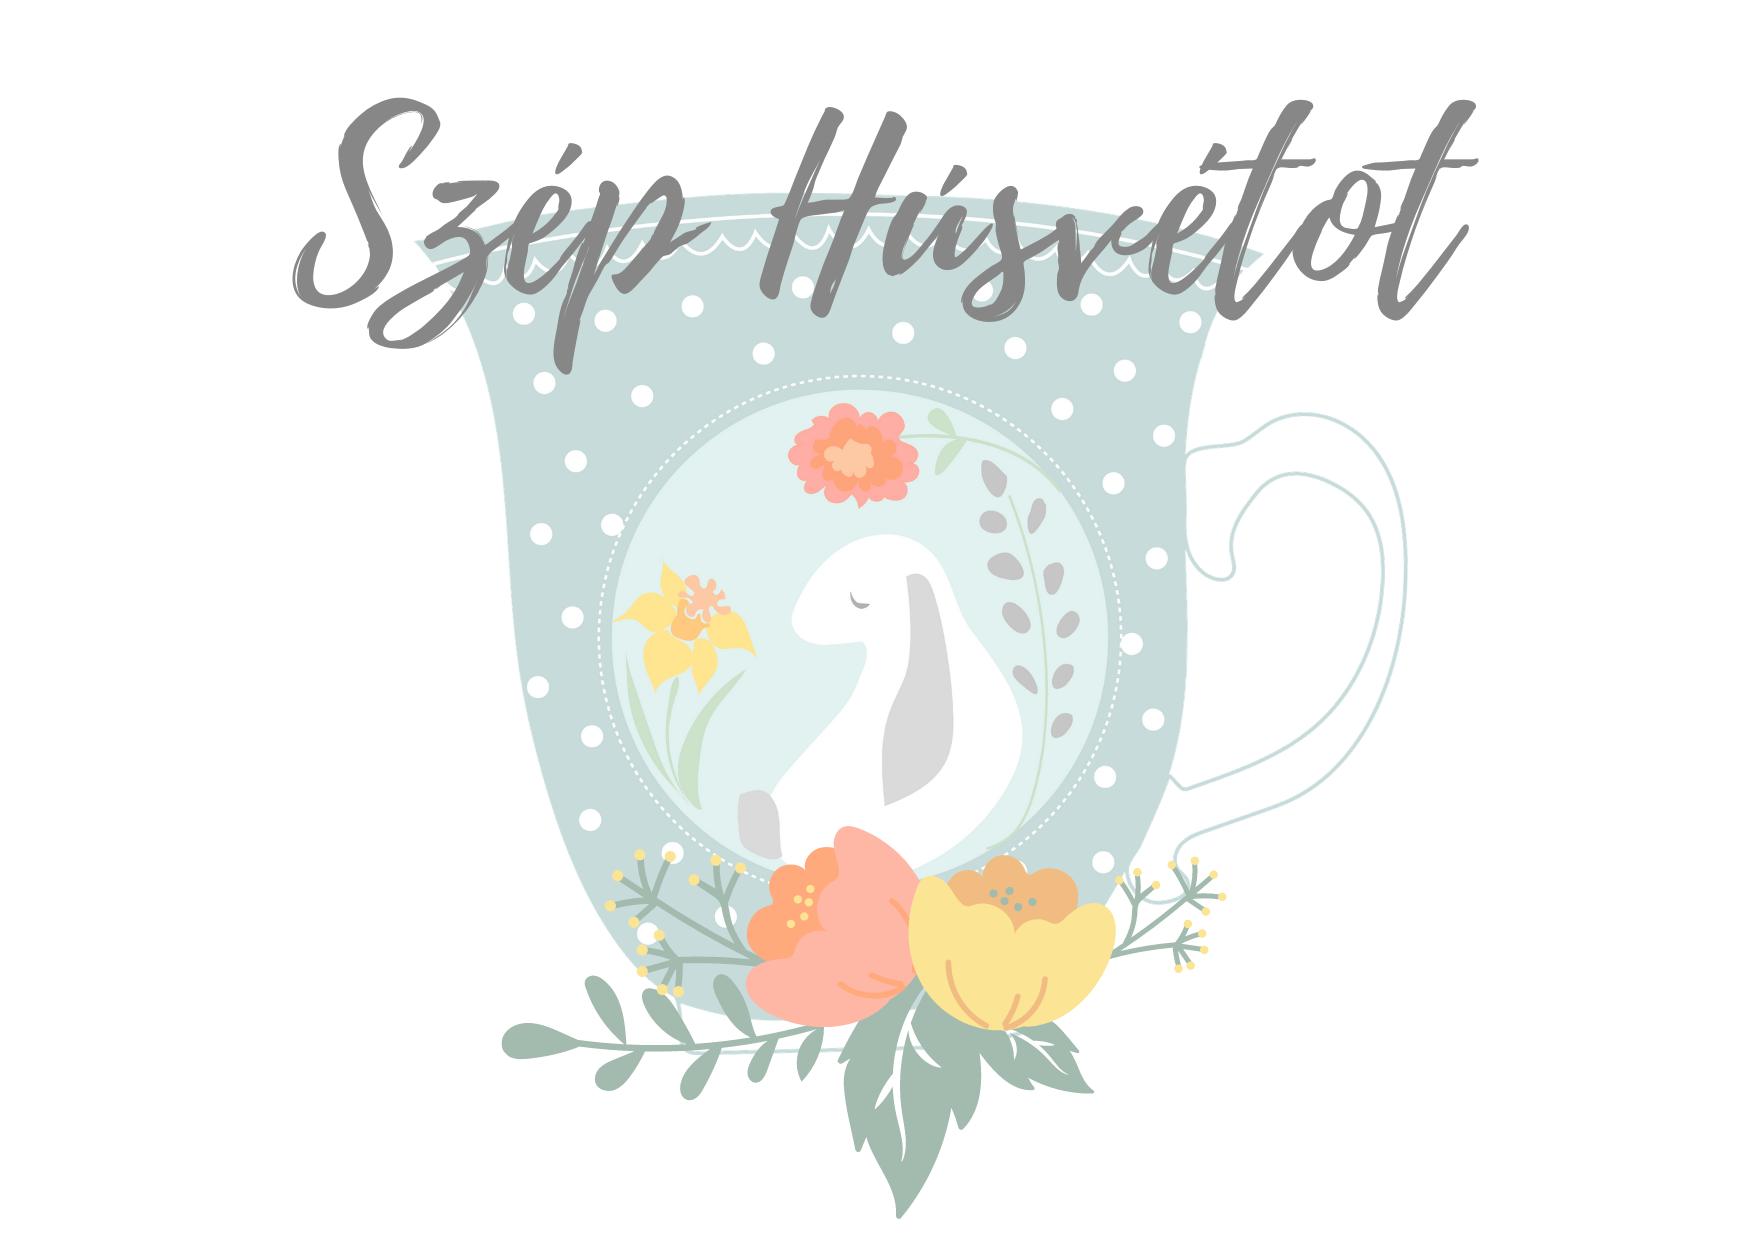 Húsvéti képeslap nyuszi, pöttyös csésze, tavaszi virágokillusztrációval